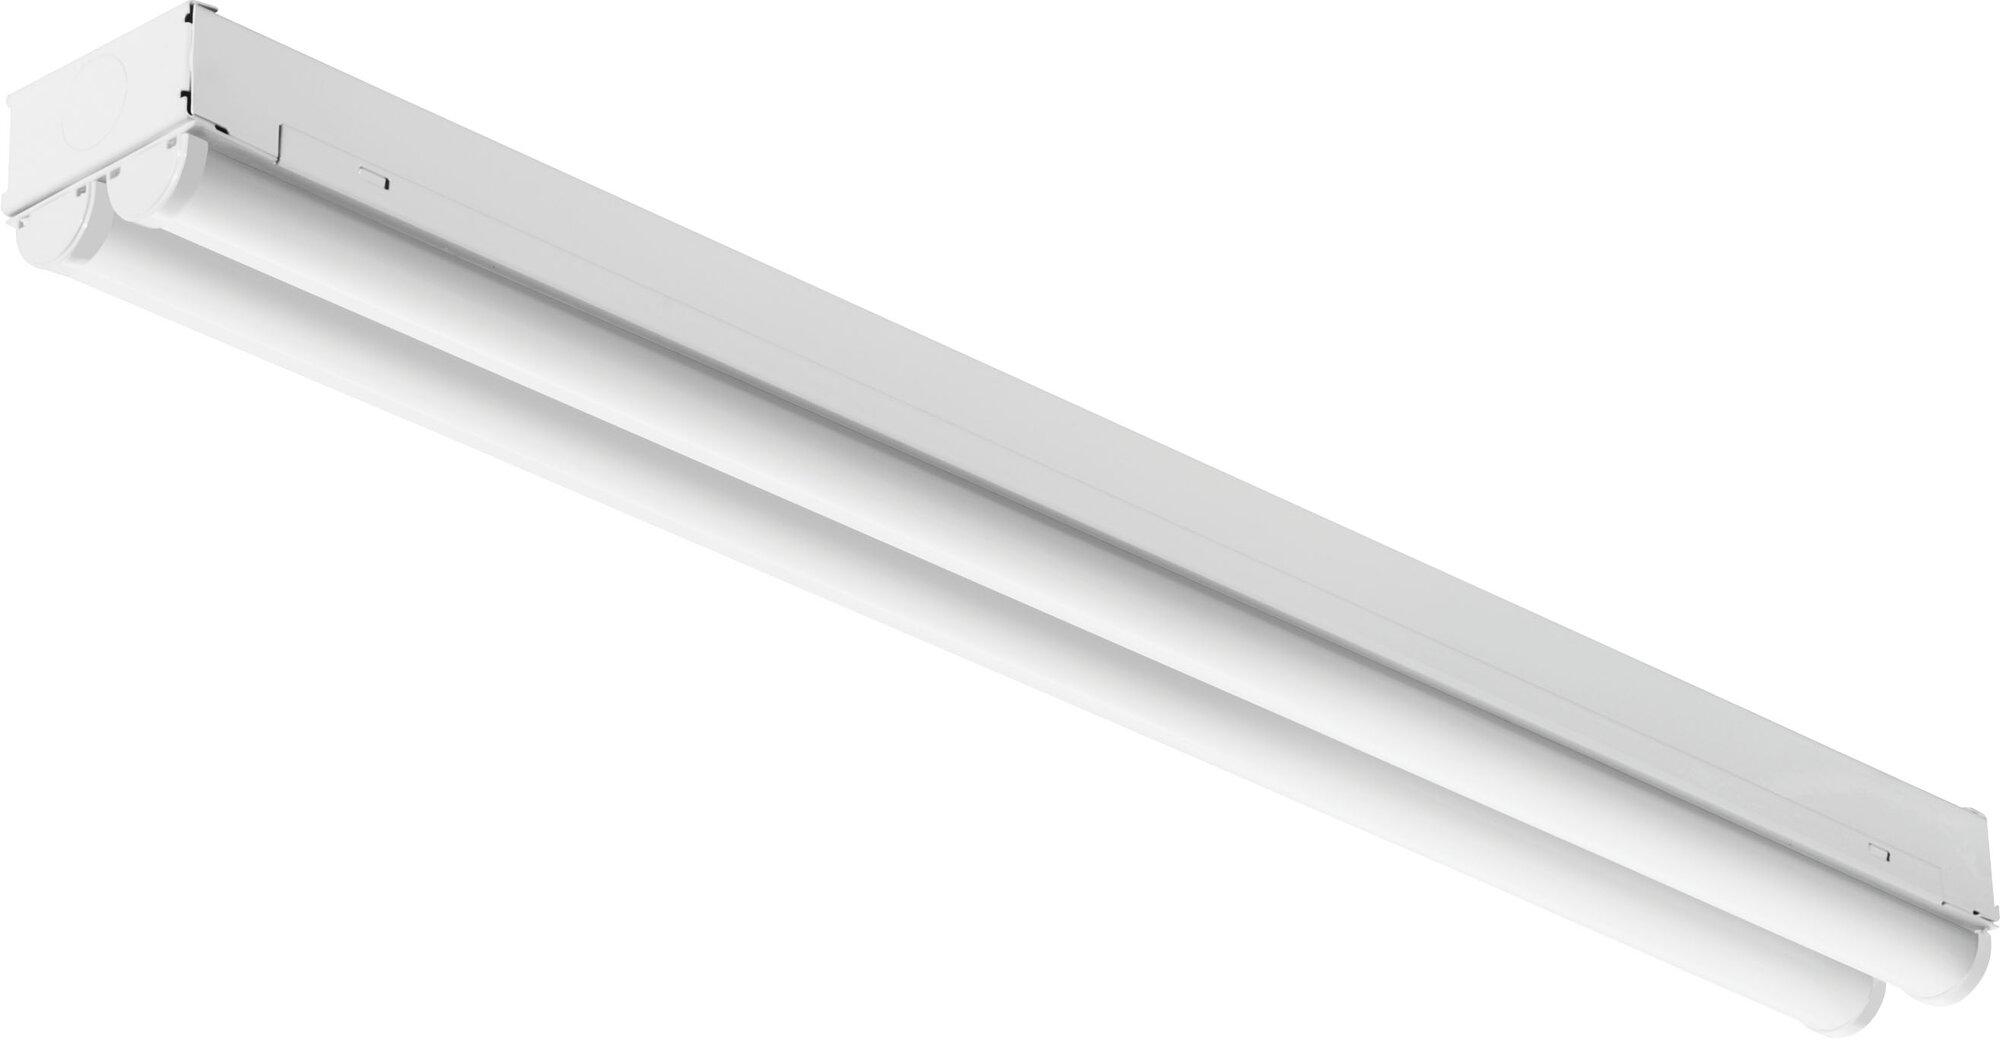 lithonia lighting led 2 light 24 under cabinet strip light ebay. Black Bedroom Furniture Sets. Home Design Ideas